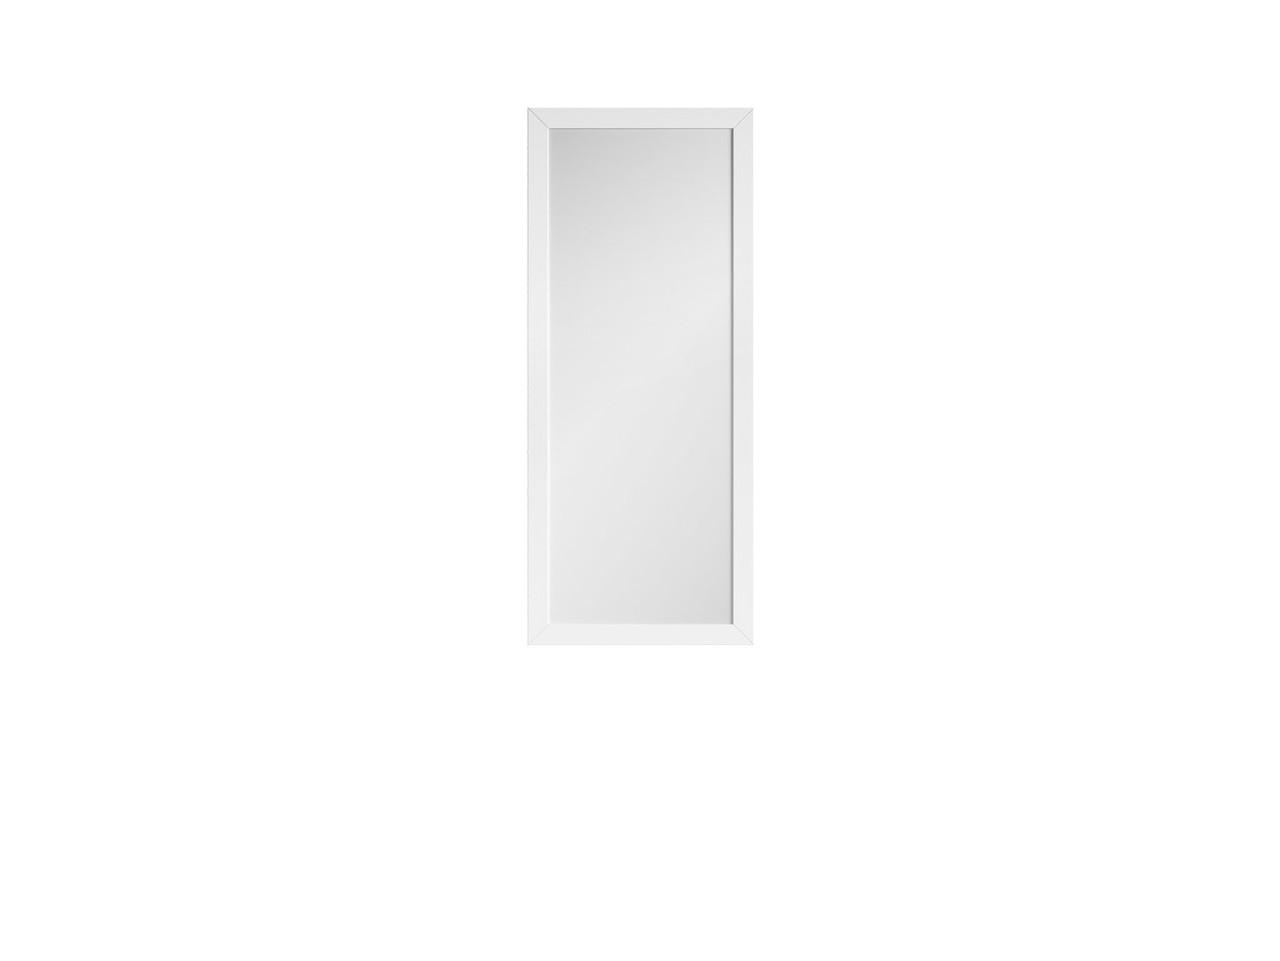 Зеркало Kaspian lustro 50  S128-LUS/50-BI (BRW)